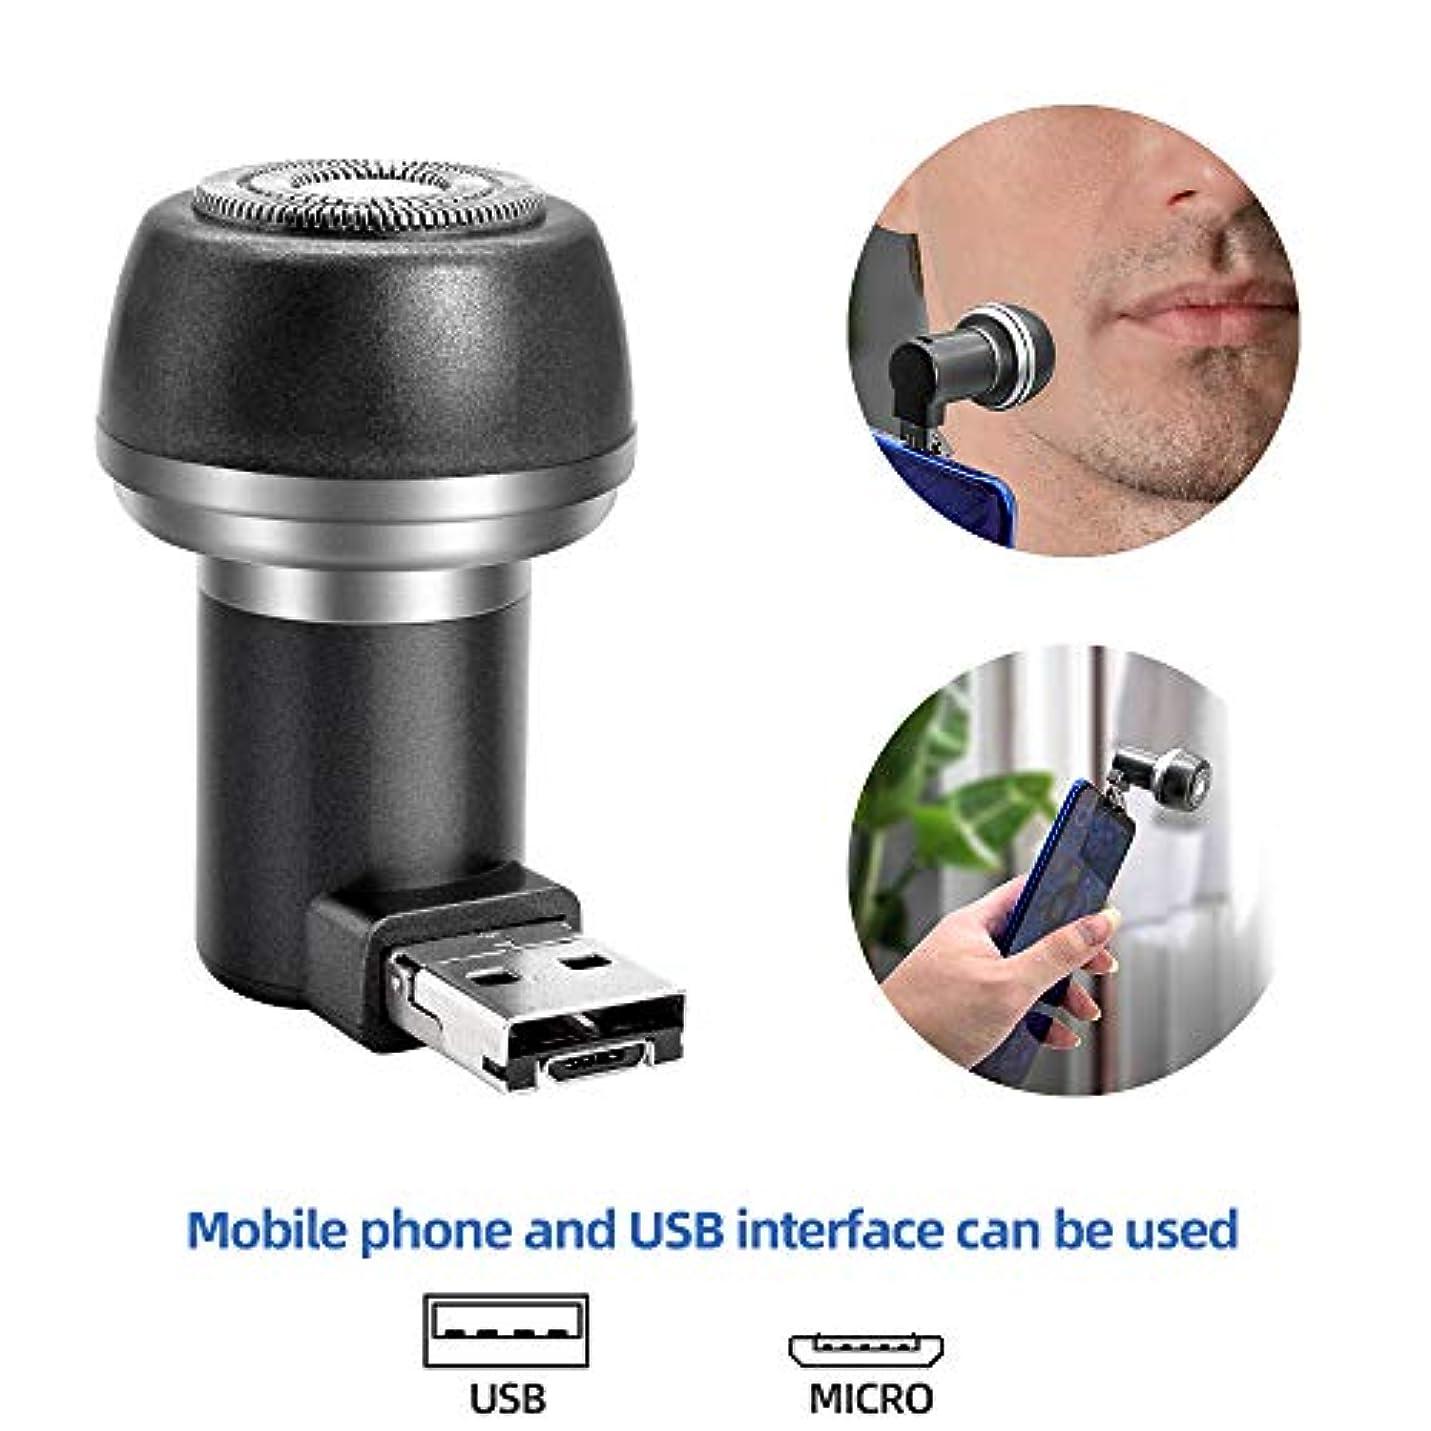 黙海里給料Greesuit シェーバー メンズ 電動髭剃り 電動シェーバー 回転式 ひげそり 携帯電話/USB充電式 ミニ 持ち運び ビジネス 旅行 海外対応 Android携帯電話式